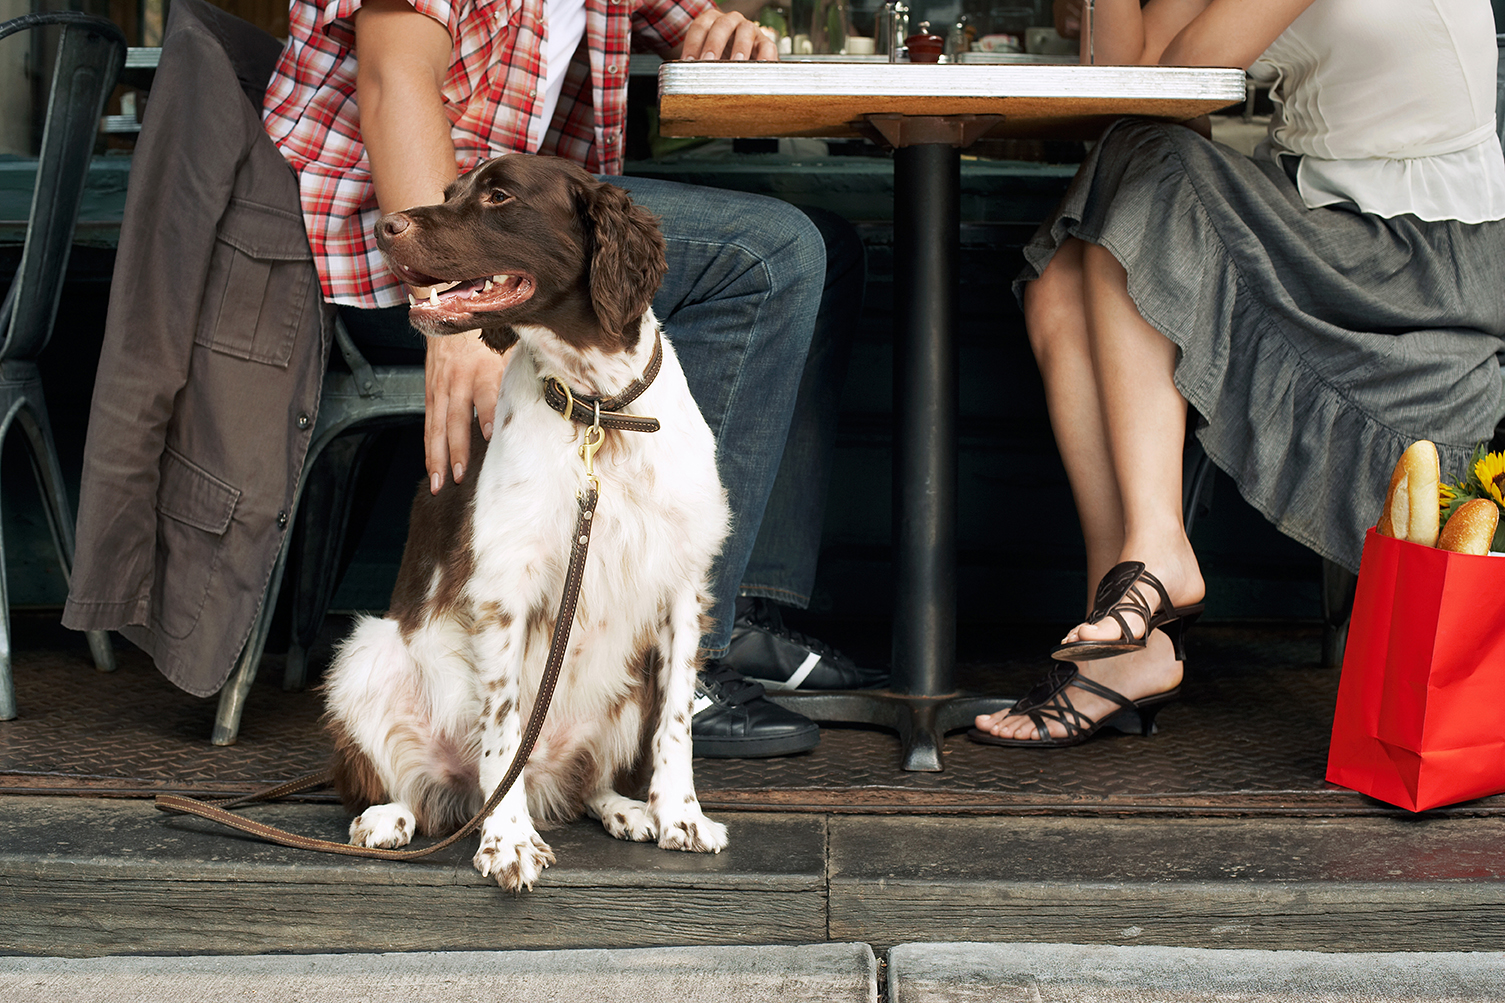 Fotografia kolorowa ukazująca biało brązowego psa o długiej sierści siedzącego przy stole. Kadr ukazuje jedynie psa oraz nogi właścicieli siedzących przy stole.